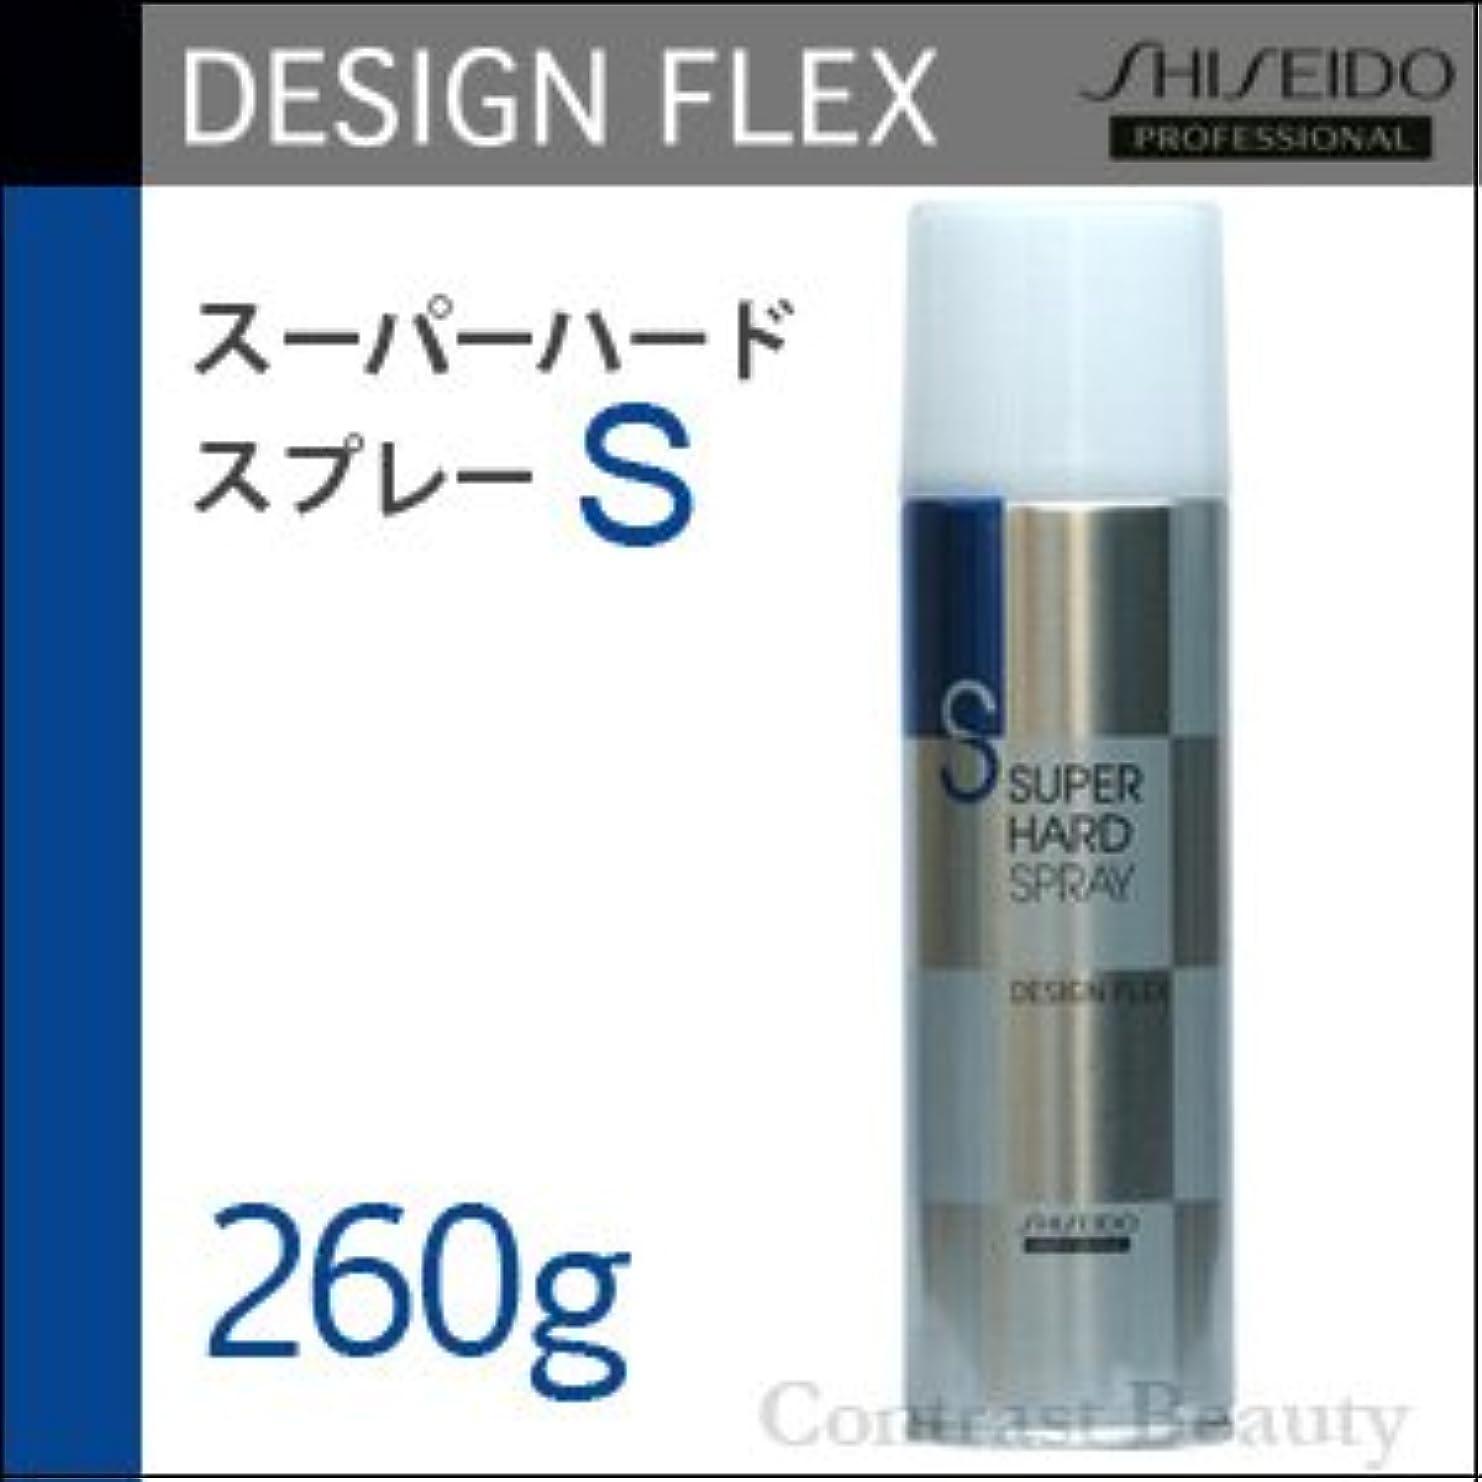 ゴネリルトレイ縁石【x4個セット】 資生堂 デザインフレックス スーパーハードスプレー 260g